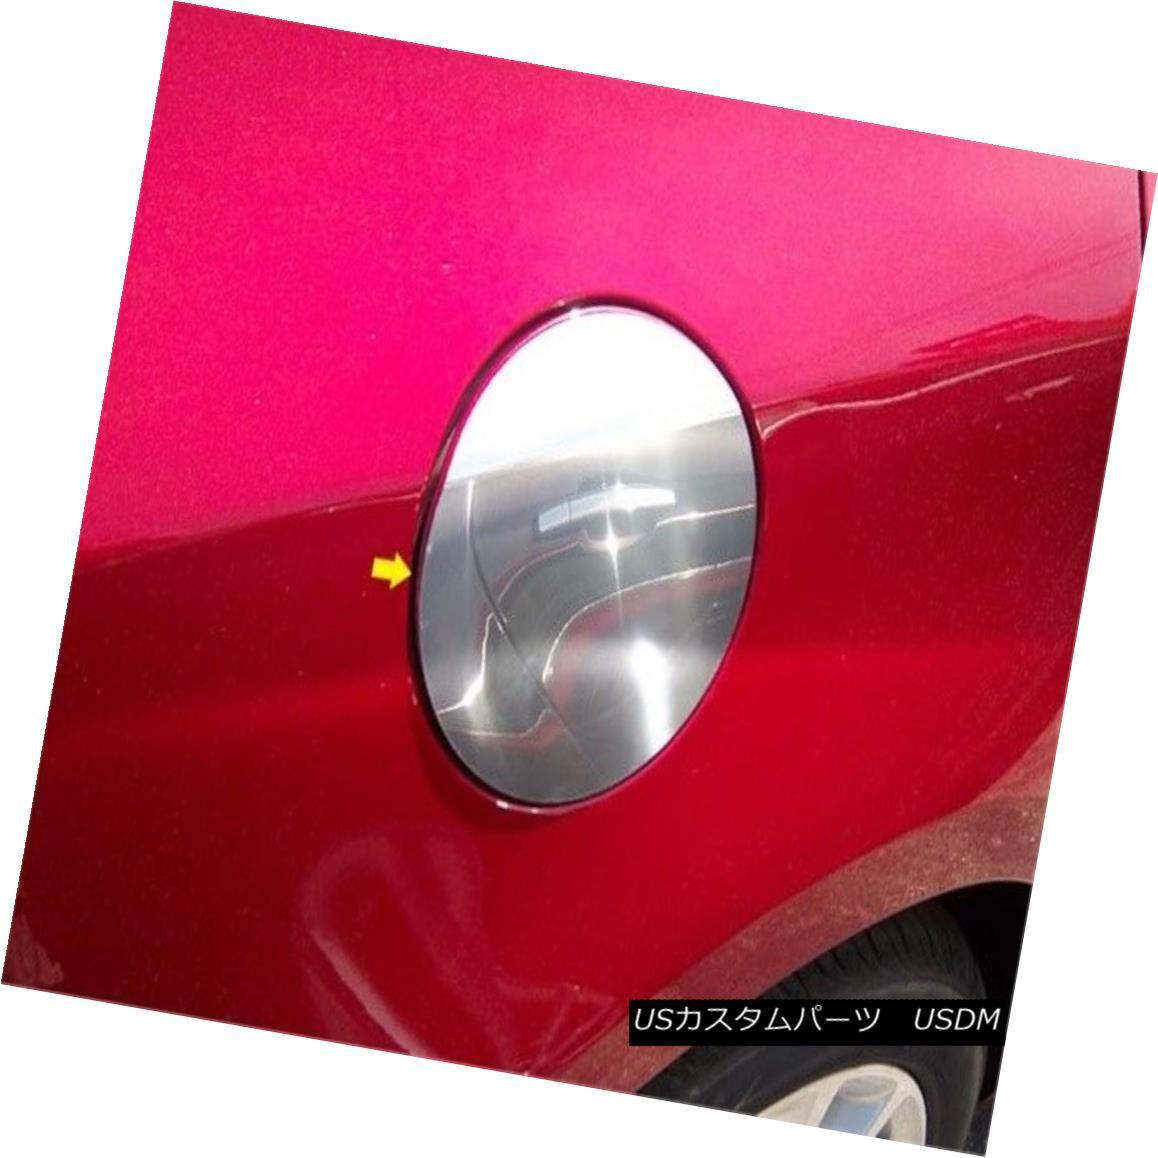 グリル Fits 2012-2016 BUICK VERANO 4-door -Stainless Steel GAS CAP DOOR フィット2012-2016 BUICK VERANO 4ドア - ステンレススチールガスCAP DOOR